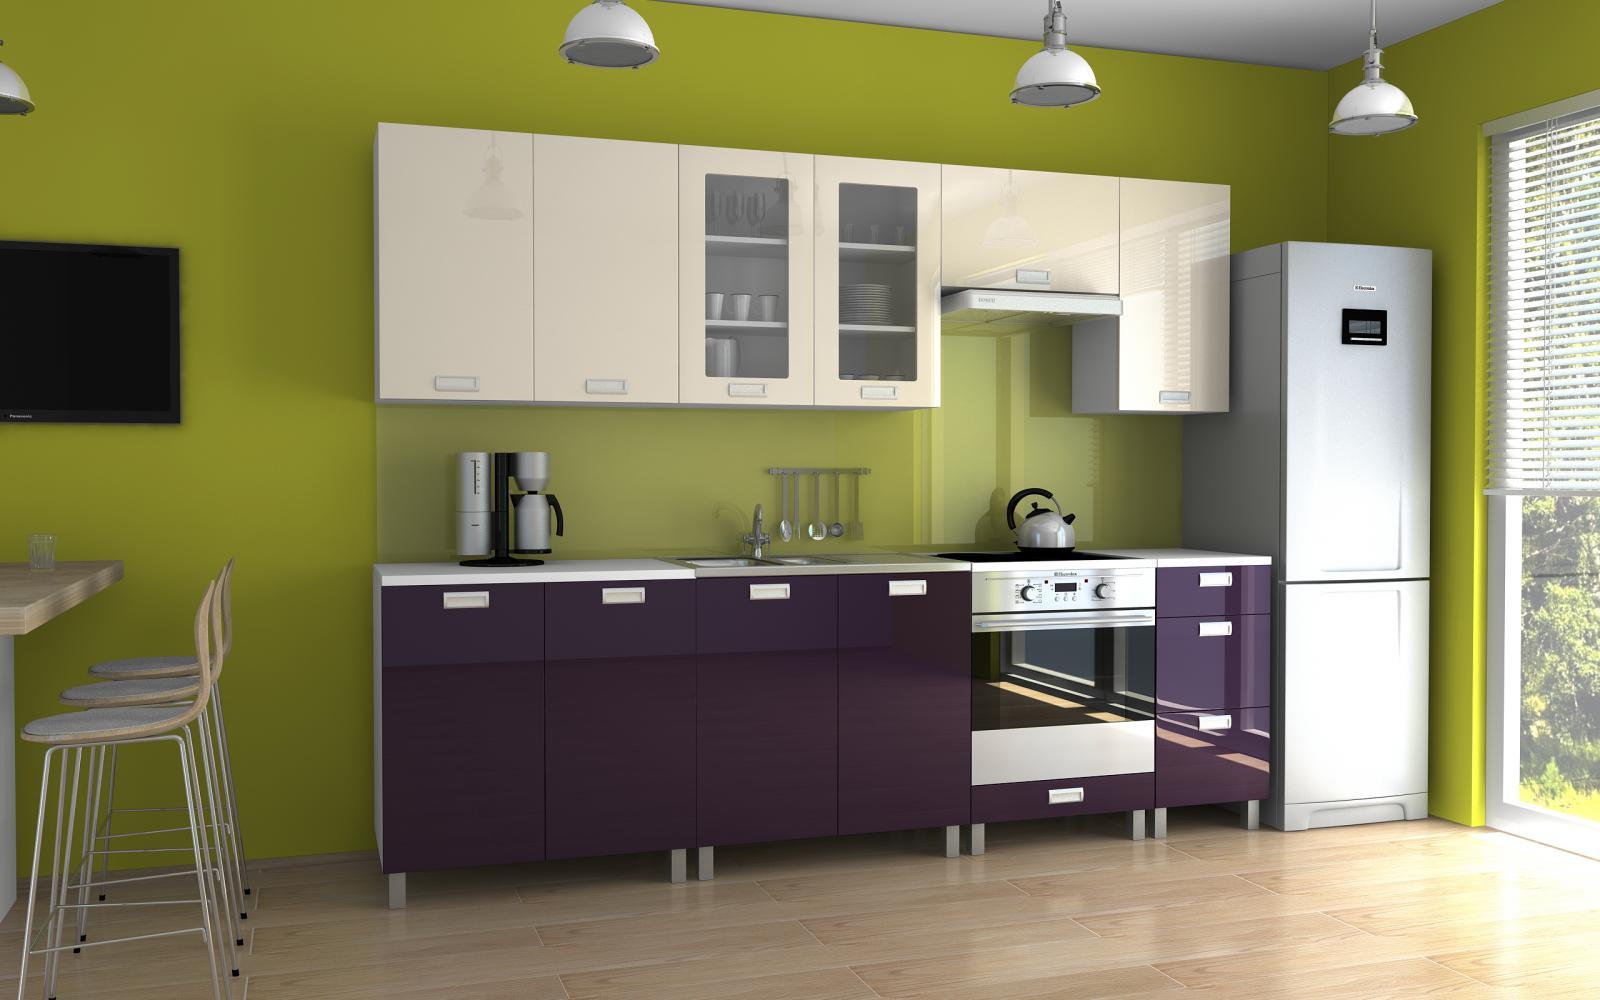 Kuchyňská linka Parkour MDR 260 jasmín/fialový lesk